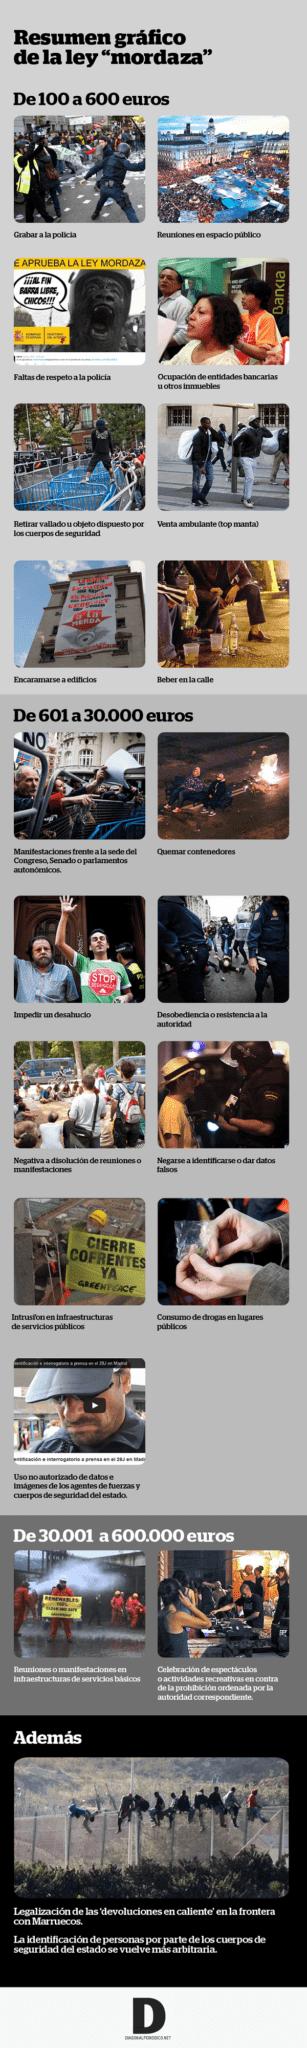 Resumen gráfico de la ´Ley Mordaza' | Imagen: DiagonalPeriódico.Net | Jueves 11-12-2014